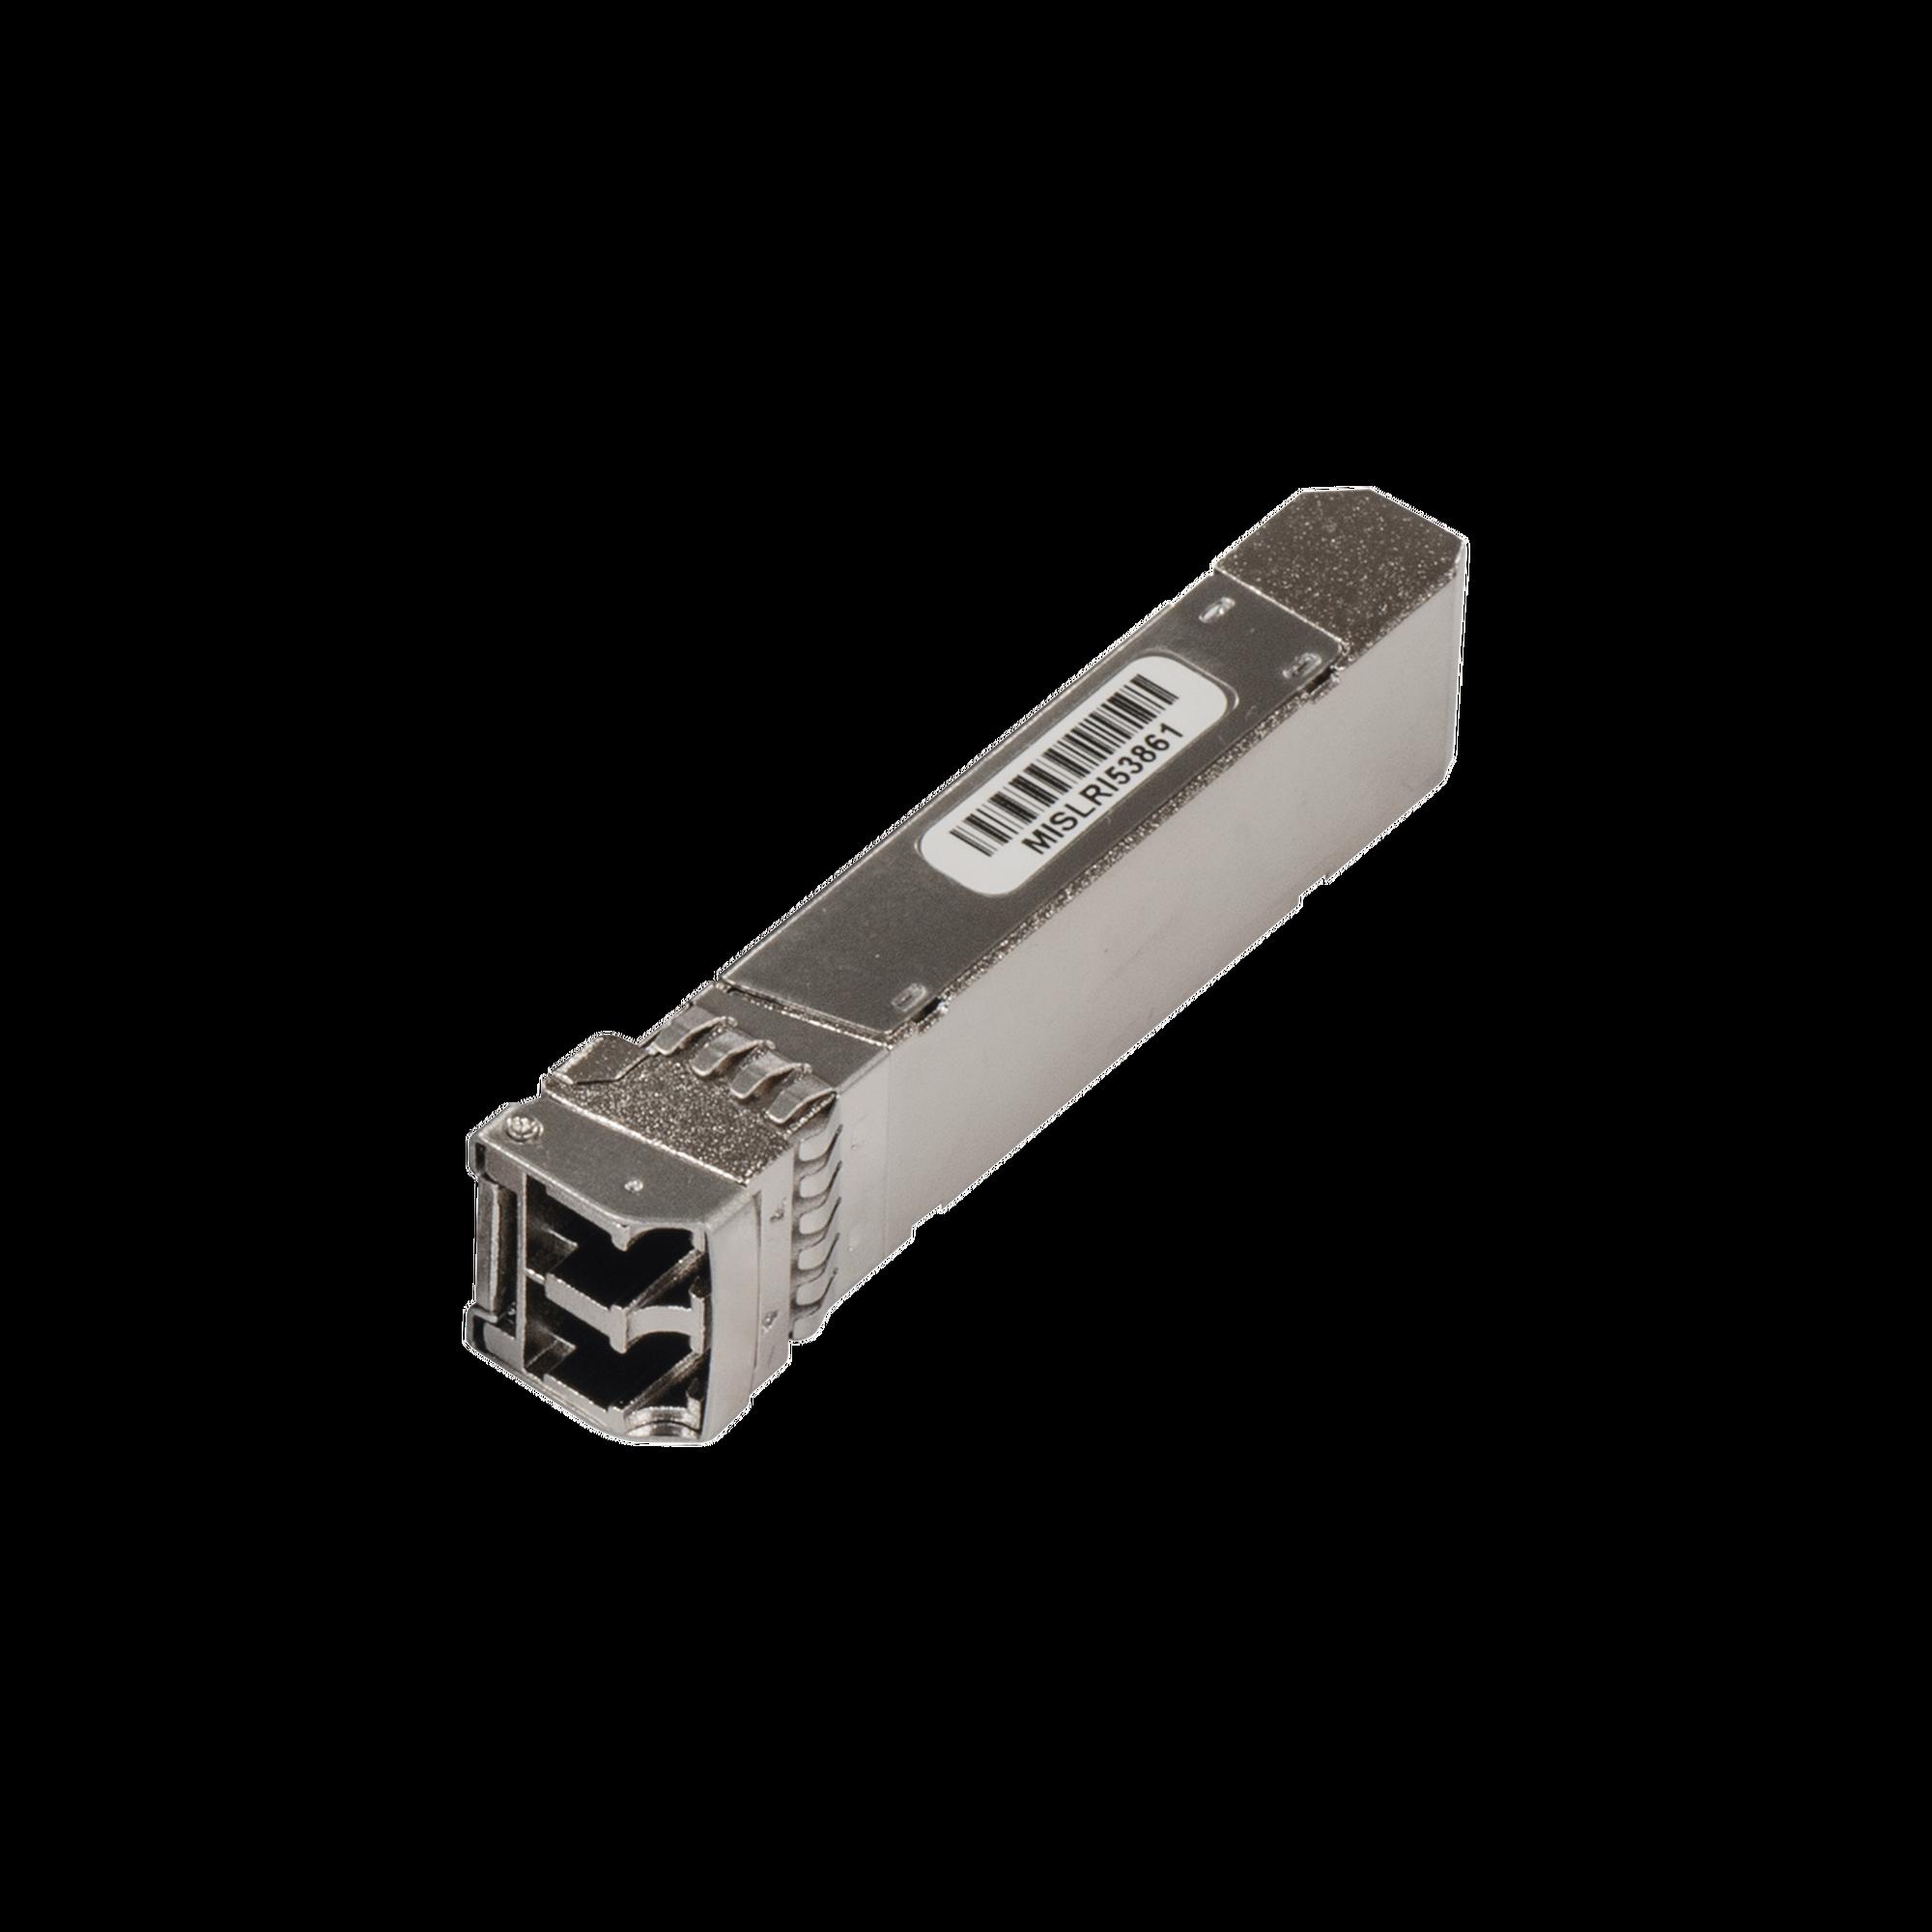 SFP+ CWDM module 10G SM 10km 1530nm Dual LC-connector DDM